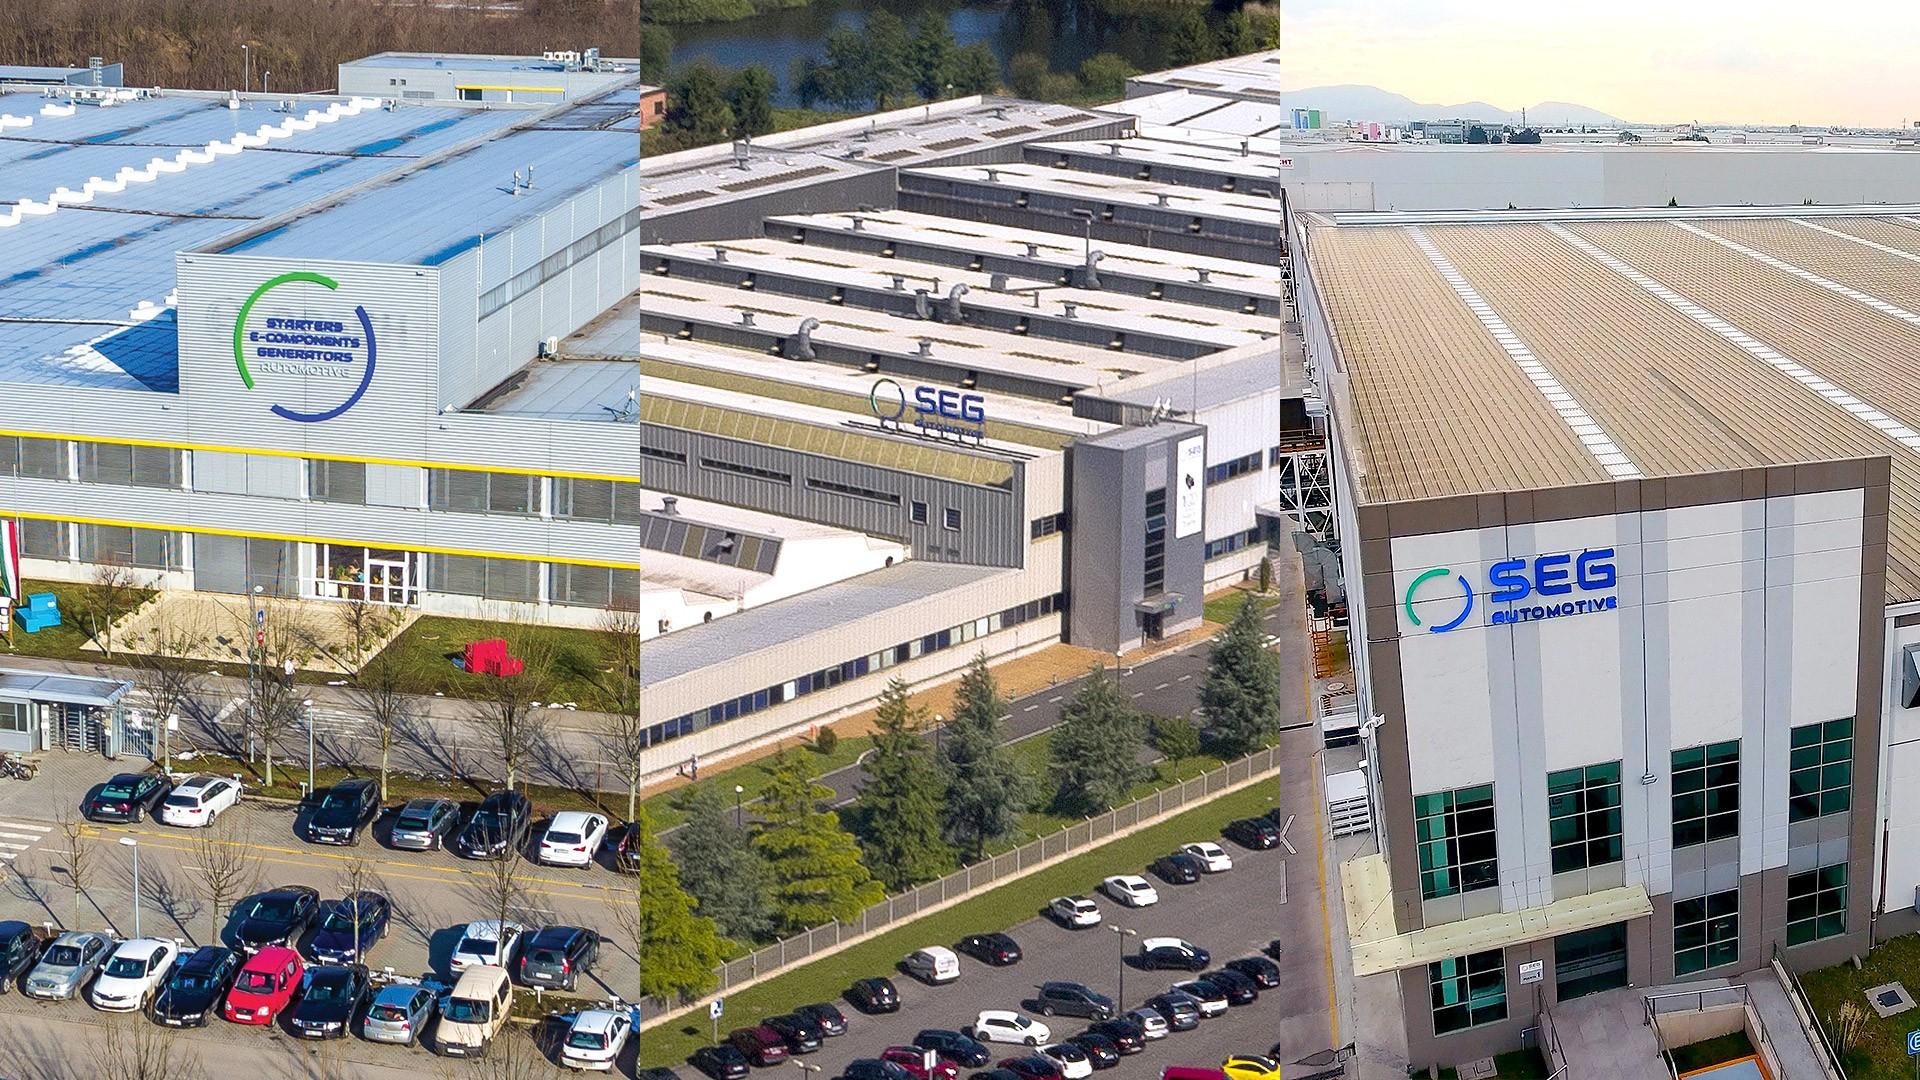 索恩格汽车在匈牙利米什科尔茨、西班牙拉雷多和墨西哥莱尔马的工厂